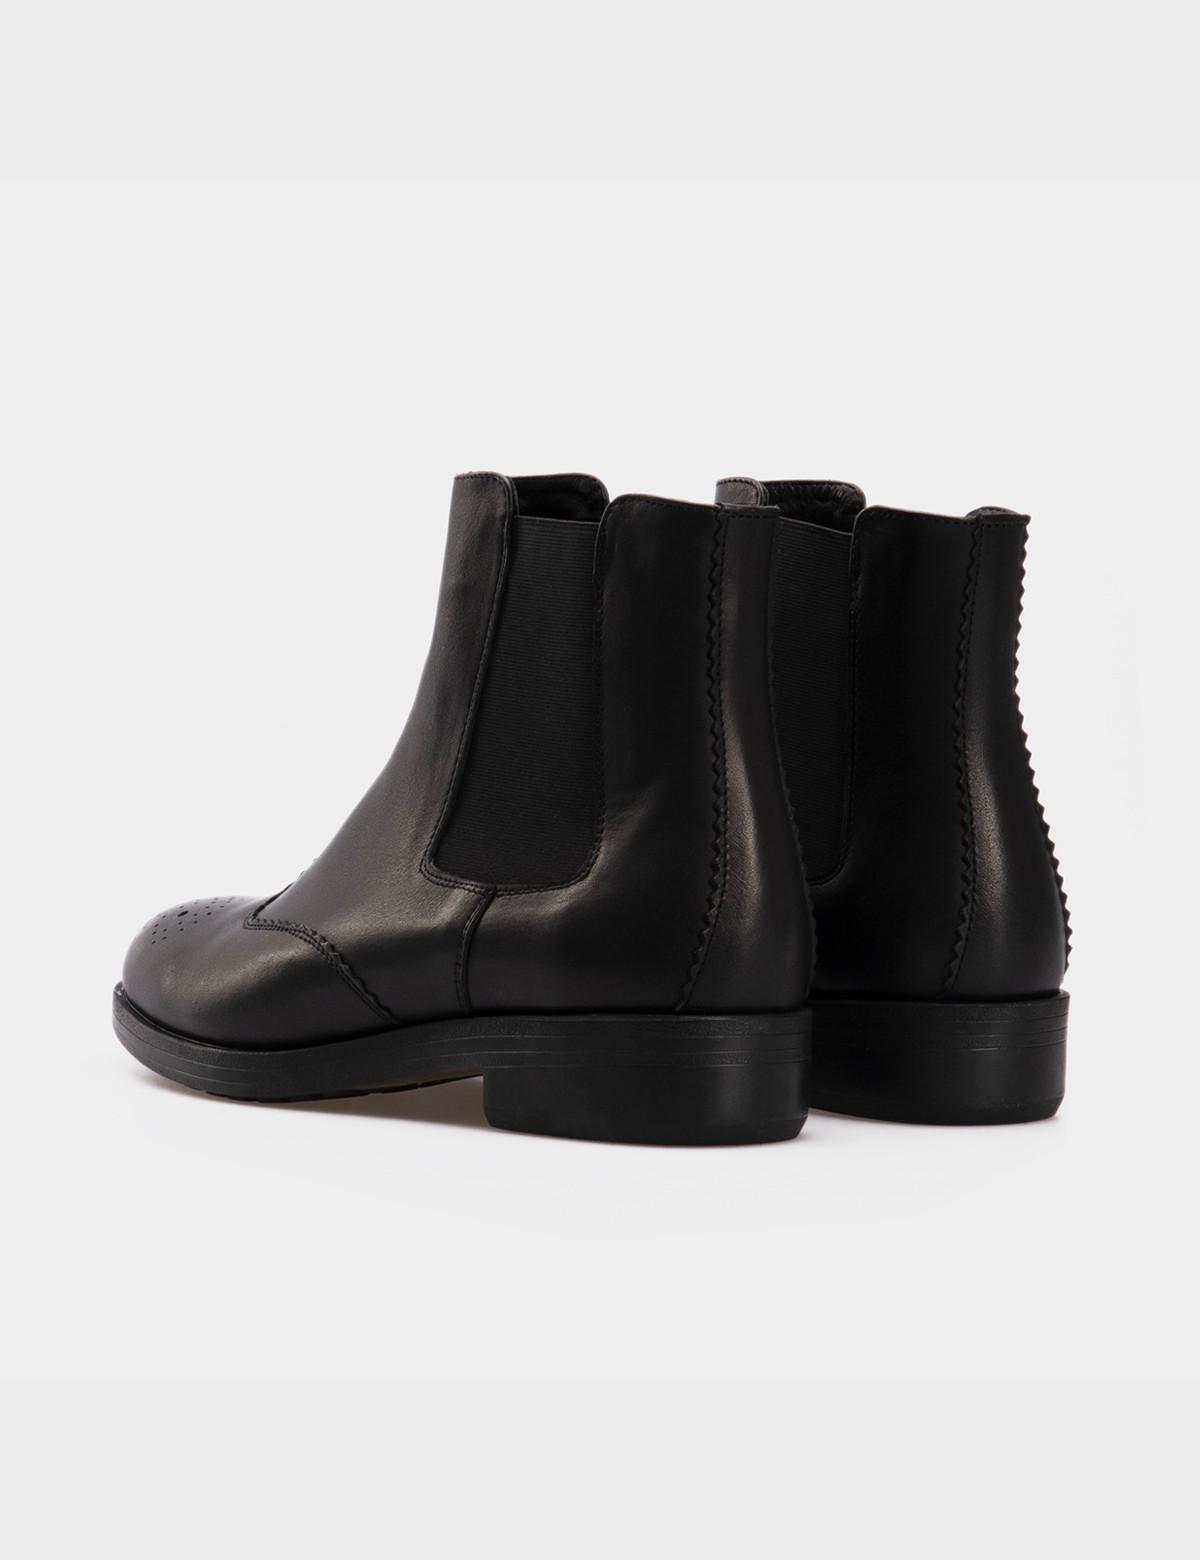 Ботинки черные, натуральная кожа. Байка3